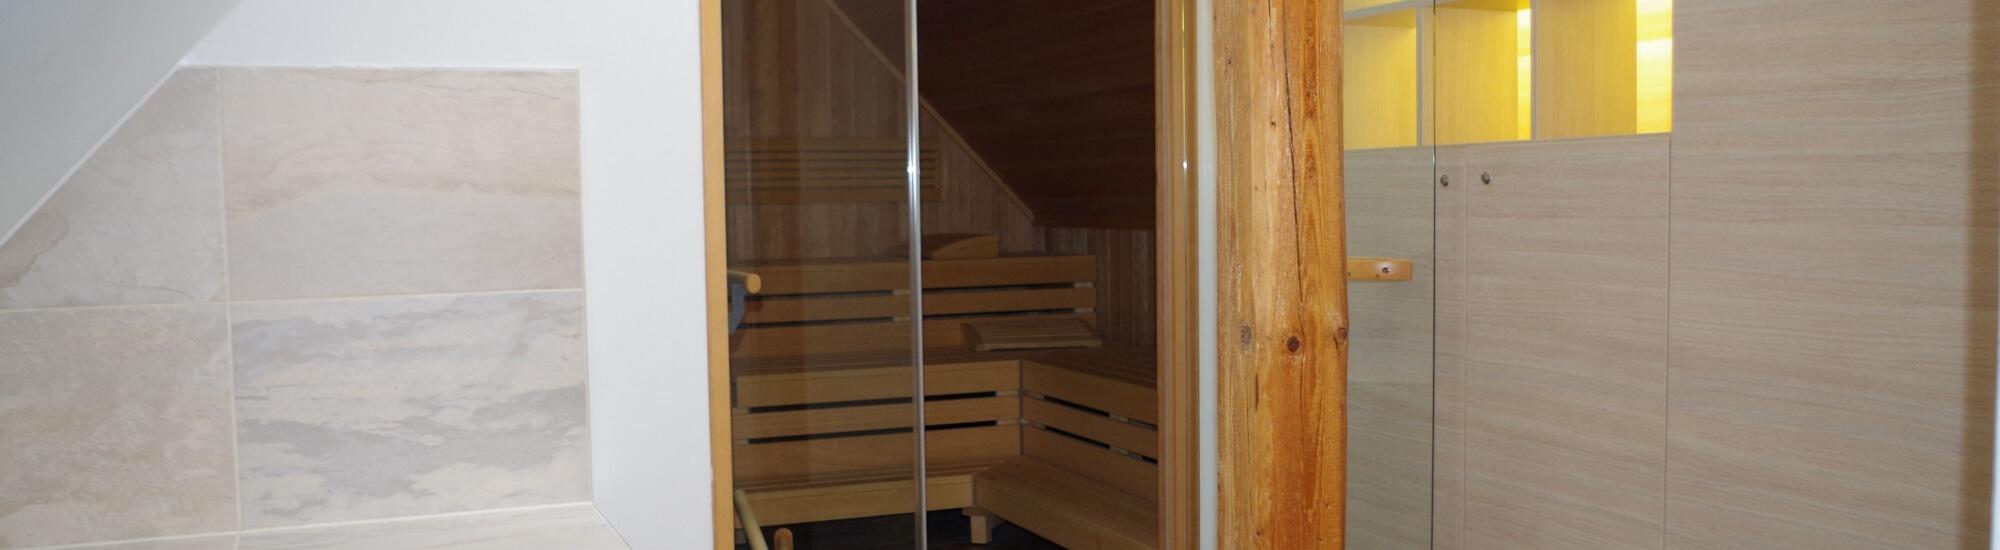 Sauna - Kopie